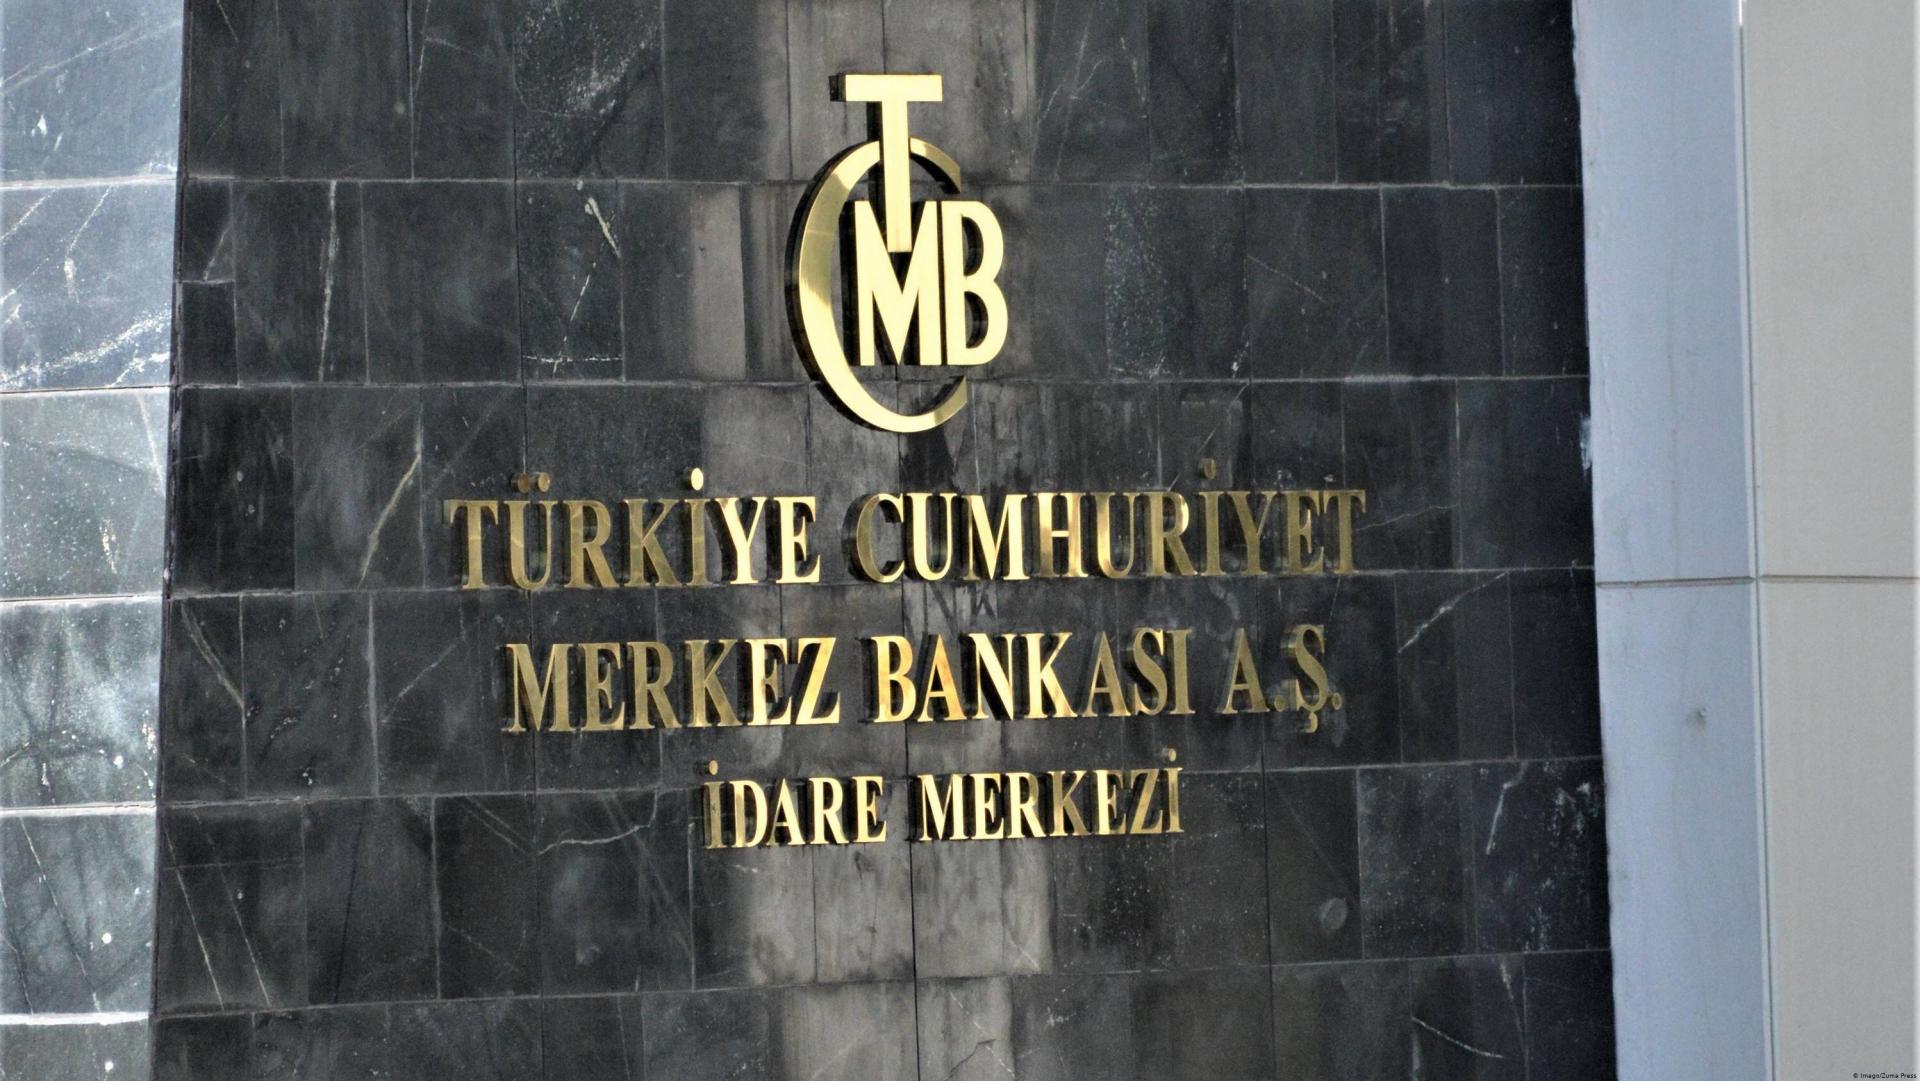 Merkez Bankası repo ihalesiyle piyasaya yaklaşık 64 milyar lira verdi